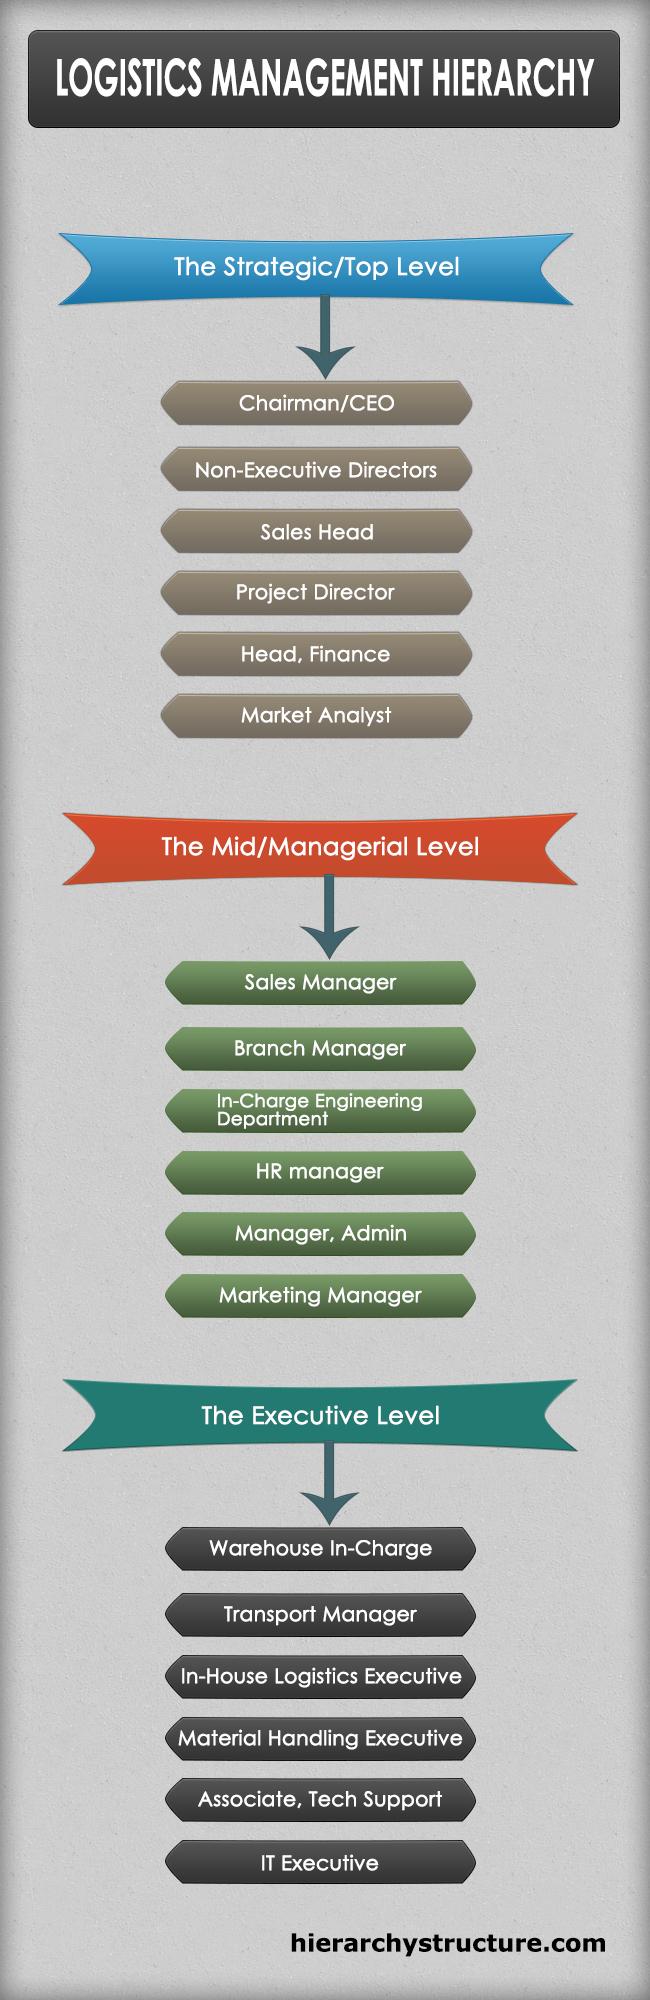 Logistics Management Hierarchy